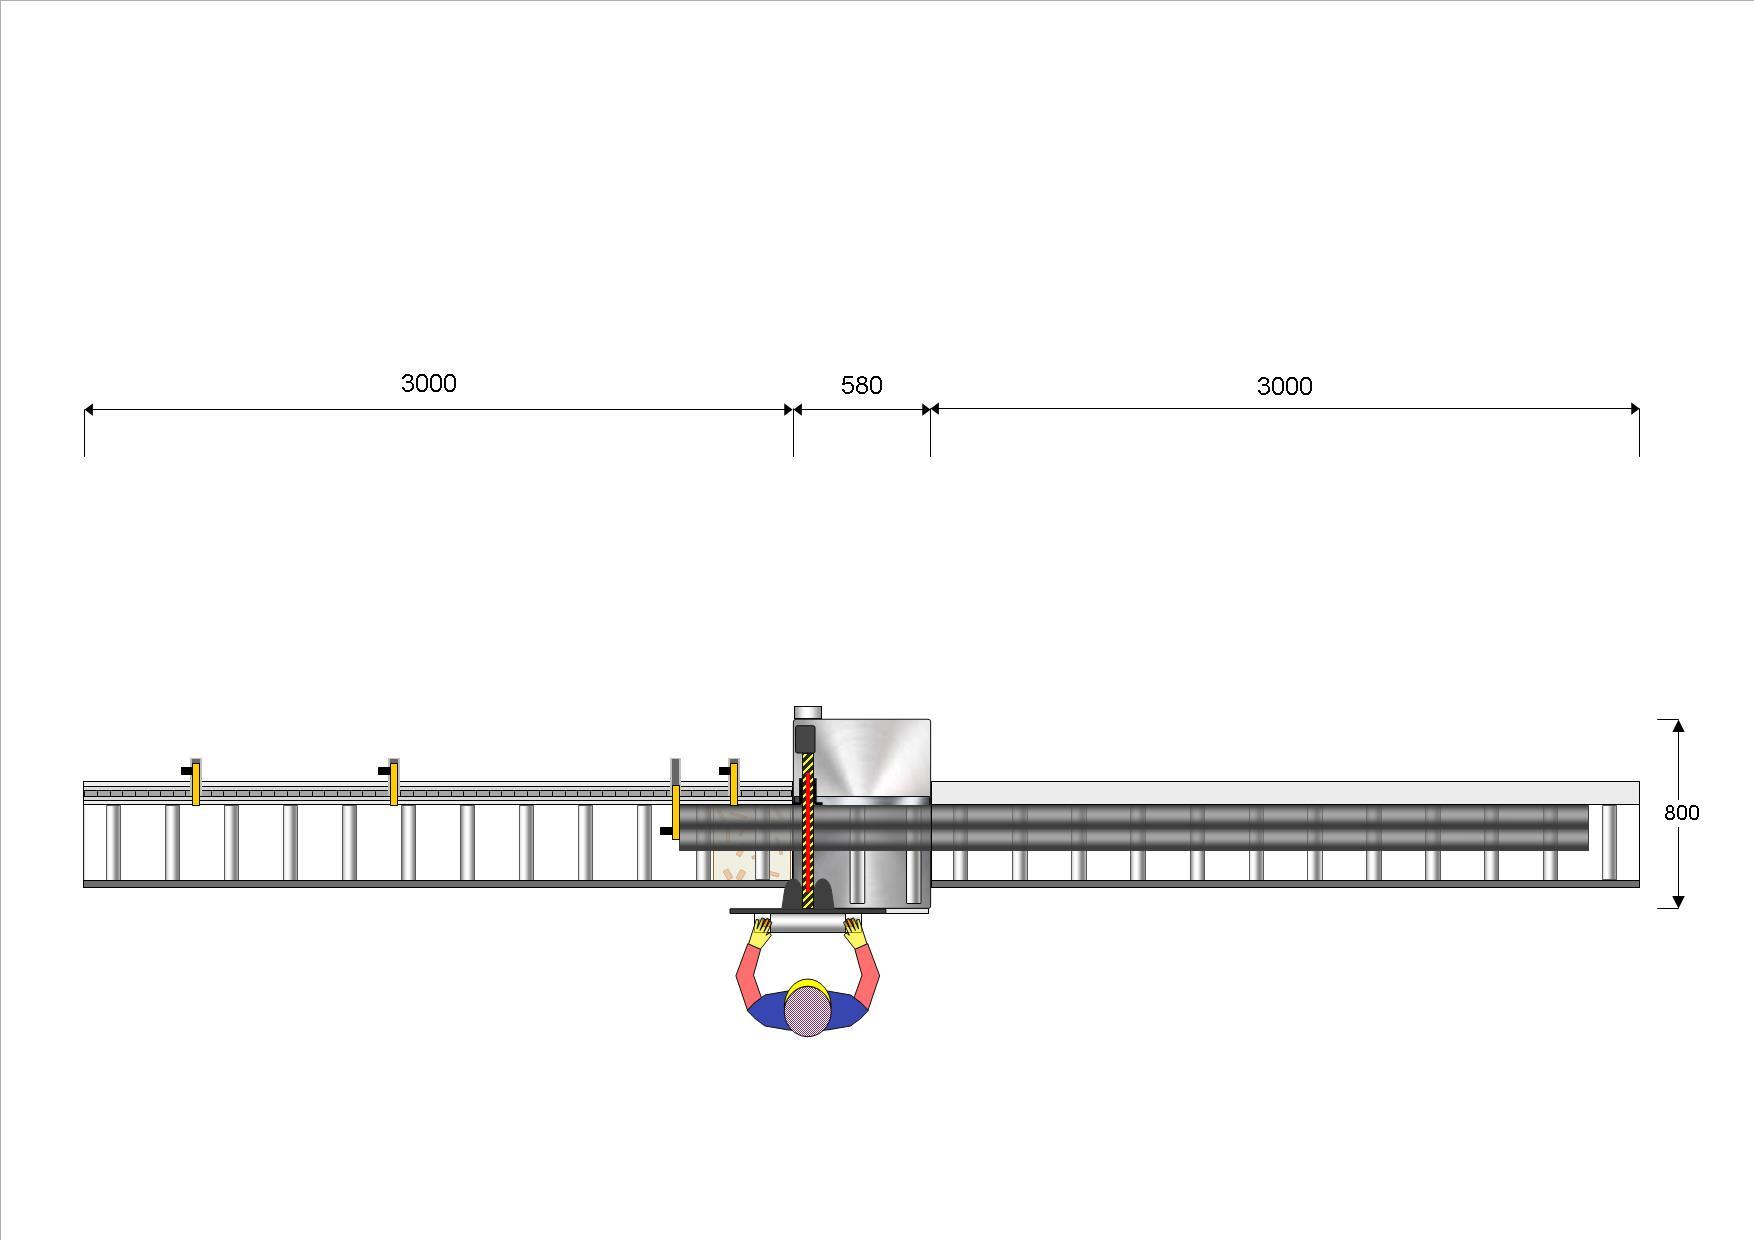 cursal-sachim-layout-tvm500